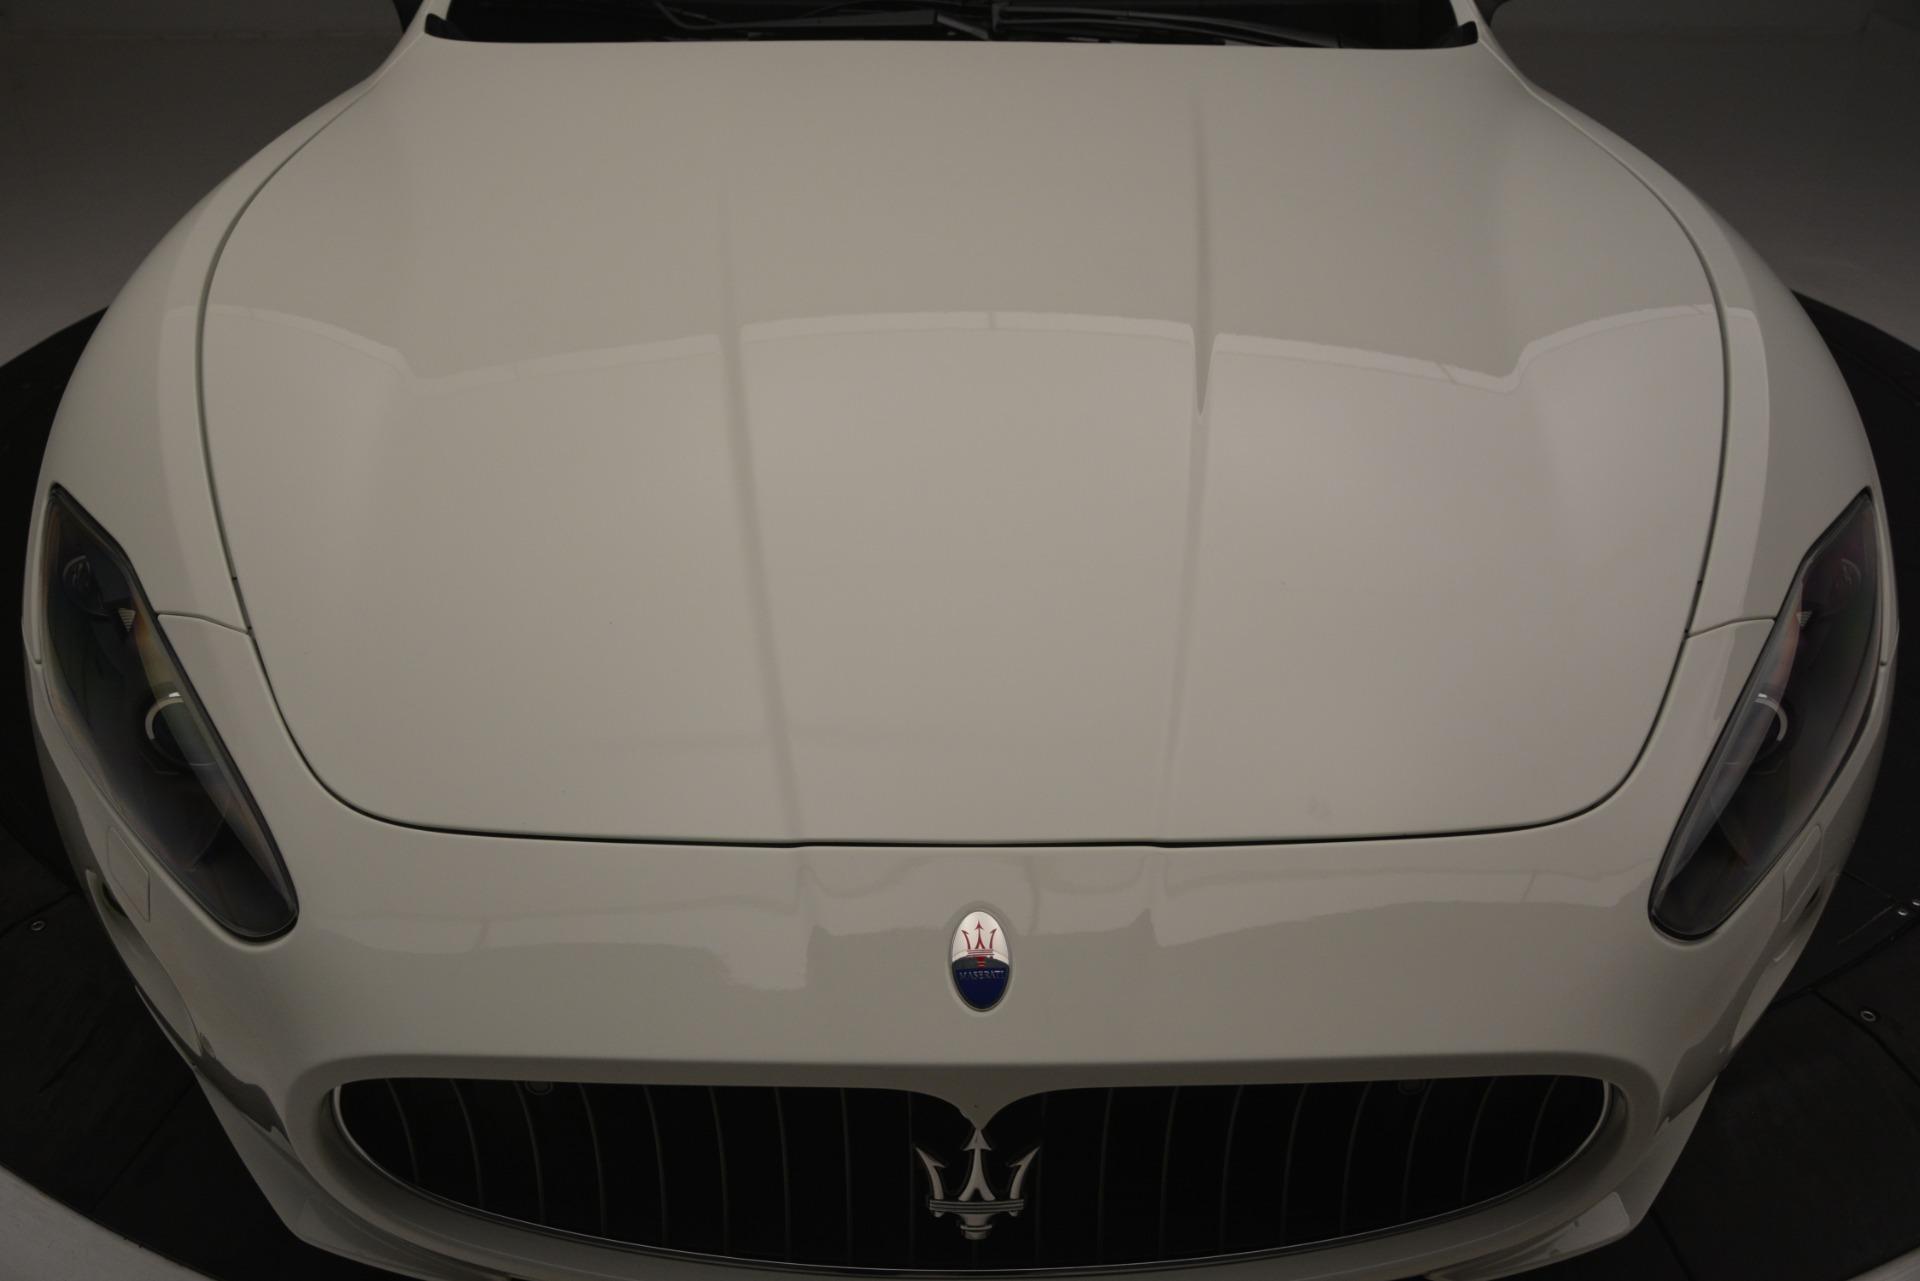 Used 2011 Maserati GranTurismo S Automatic For Sale In Greenwich, CT 3061_p24